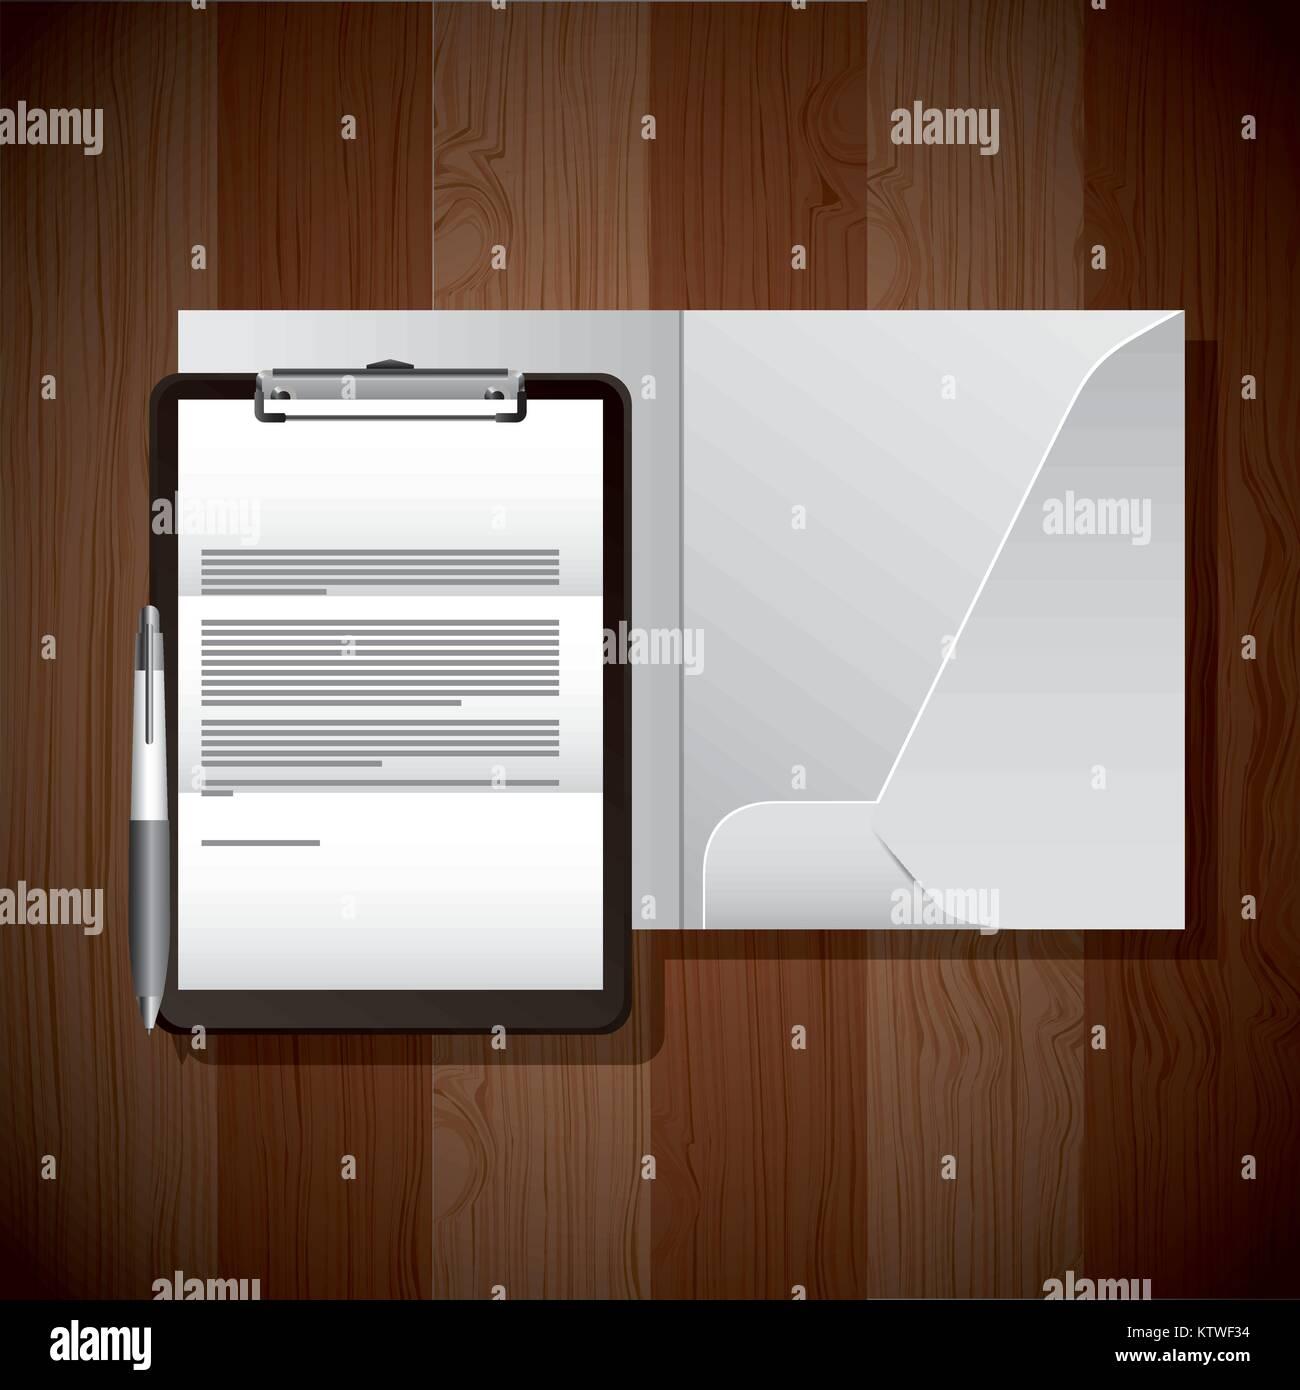 Premium Luxury Business Card Design Stockfotos & Premium Luxury ...